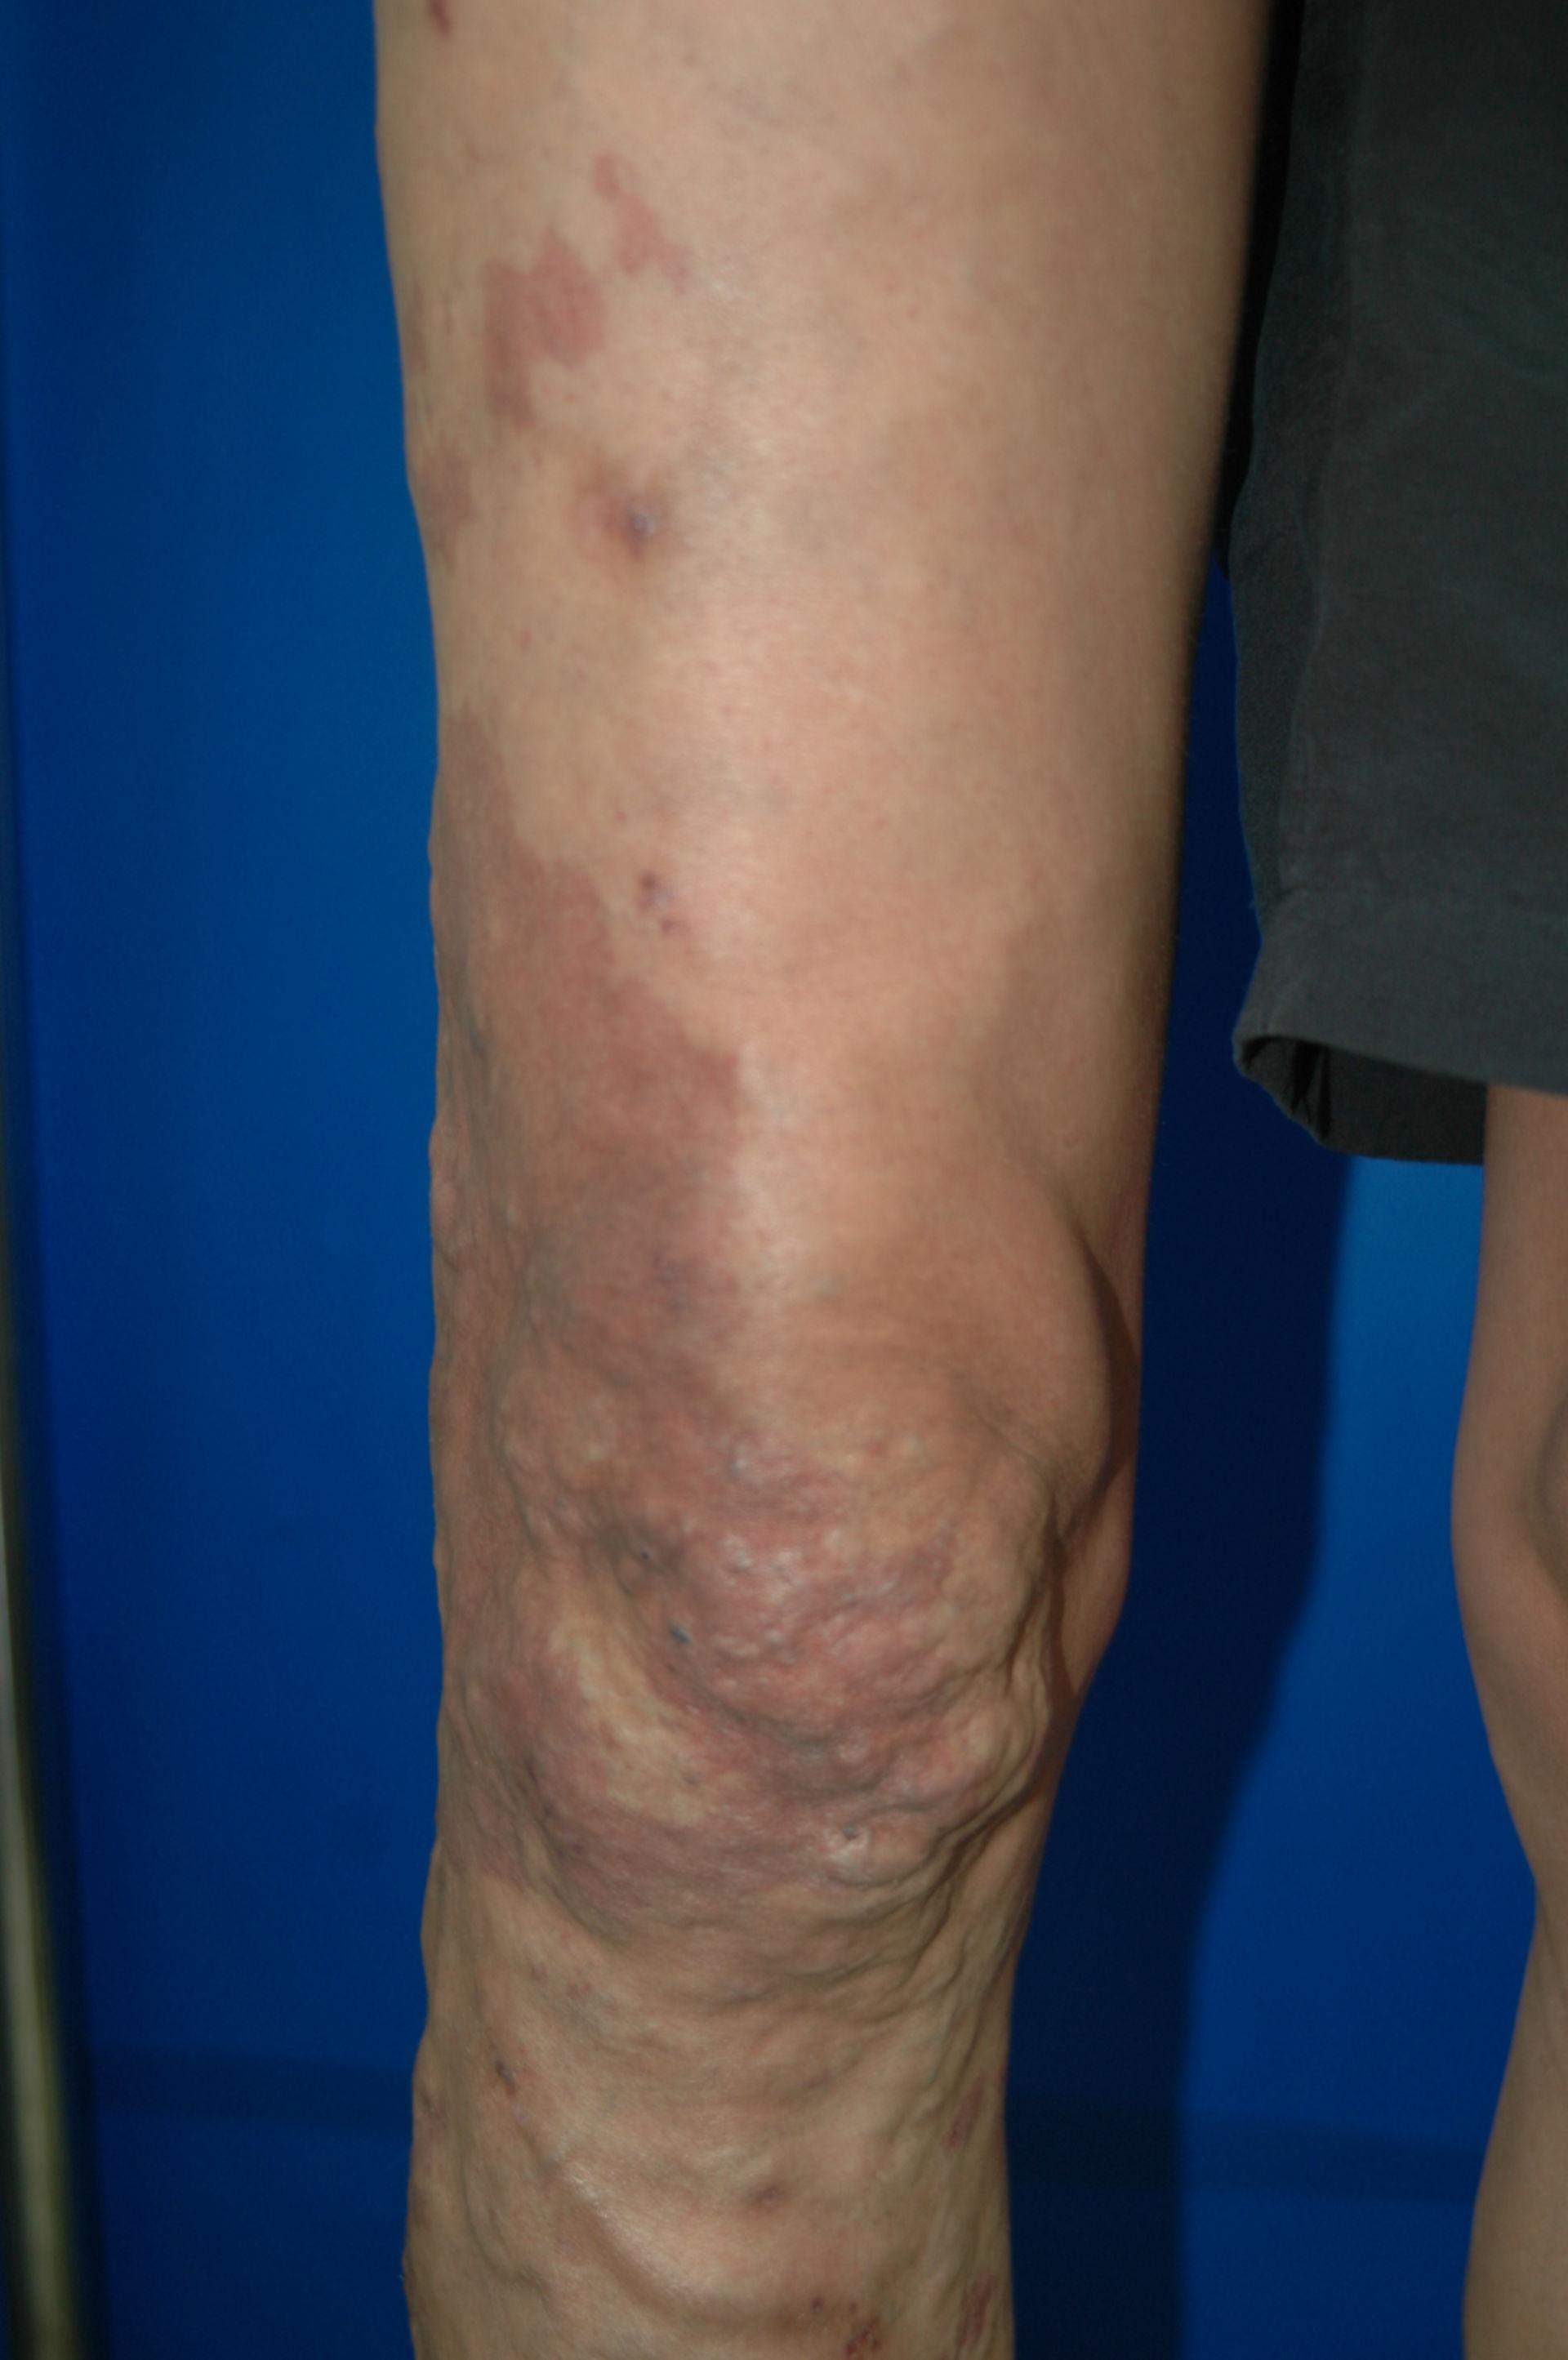 Klippel-Trénaunay-Syndrom postop. Aufnahme von Dr. Ykshim 2